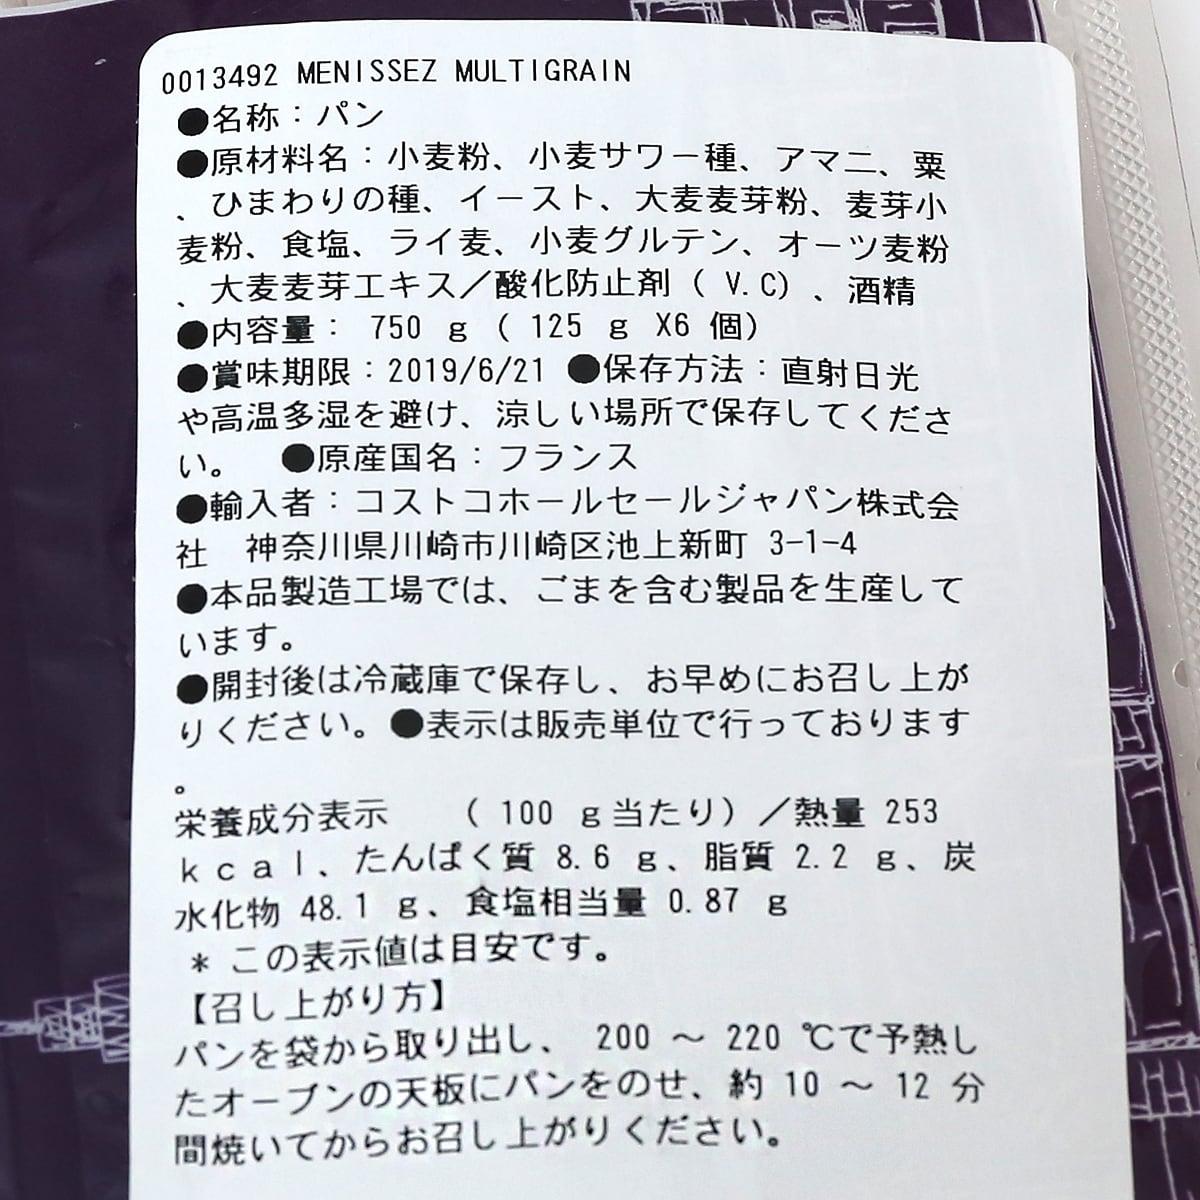 メニセーズ マルチグレインバゲット 商品ラベル(原材料・カロリーほか)